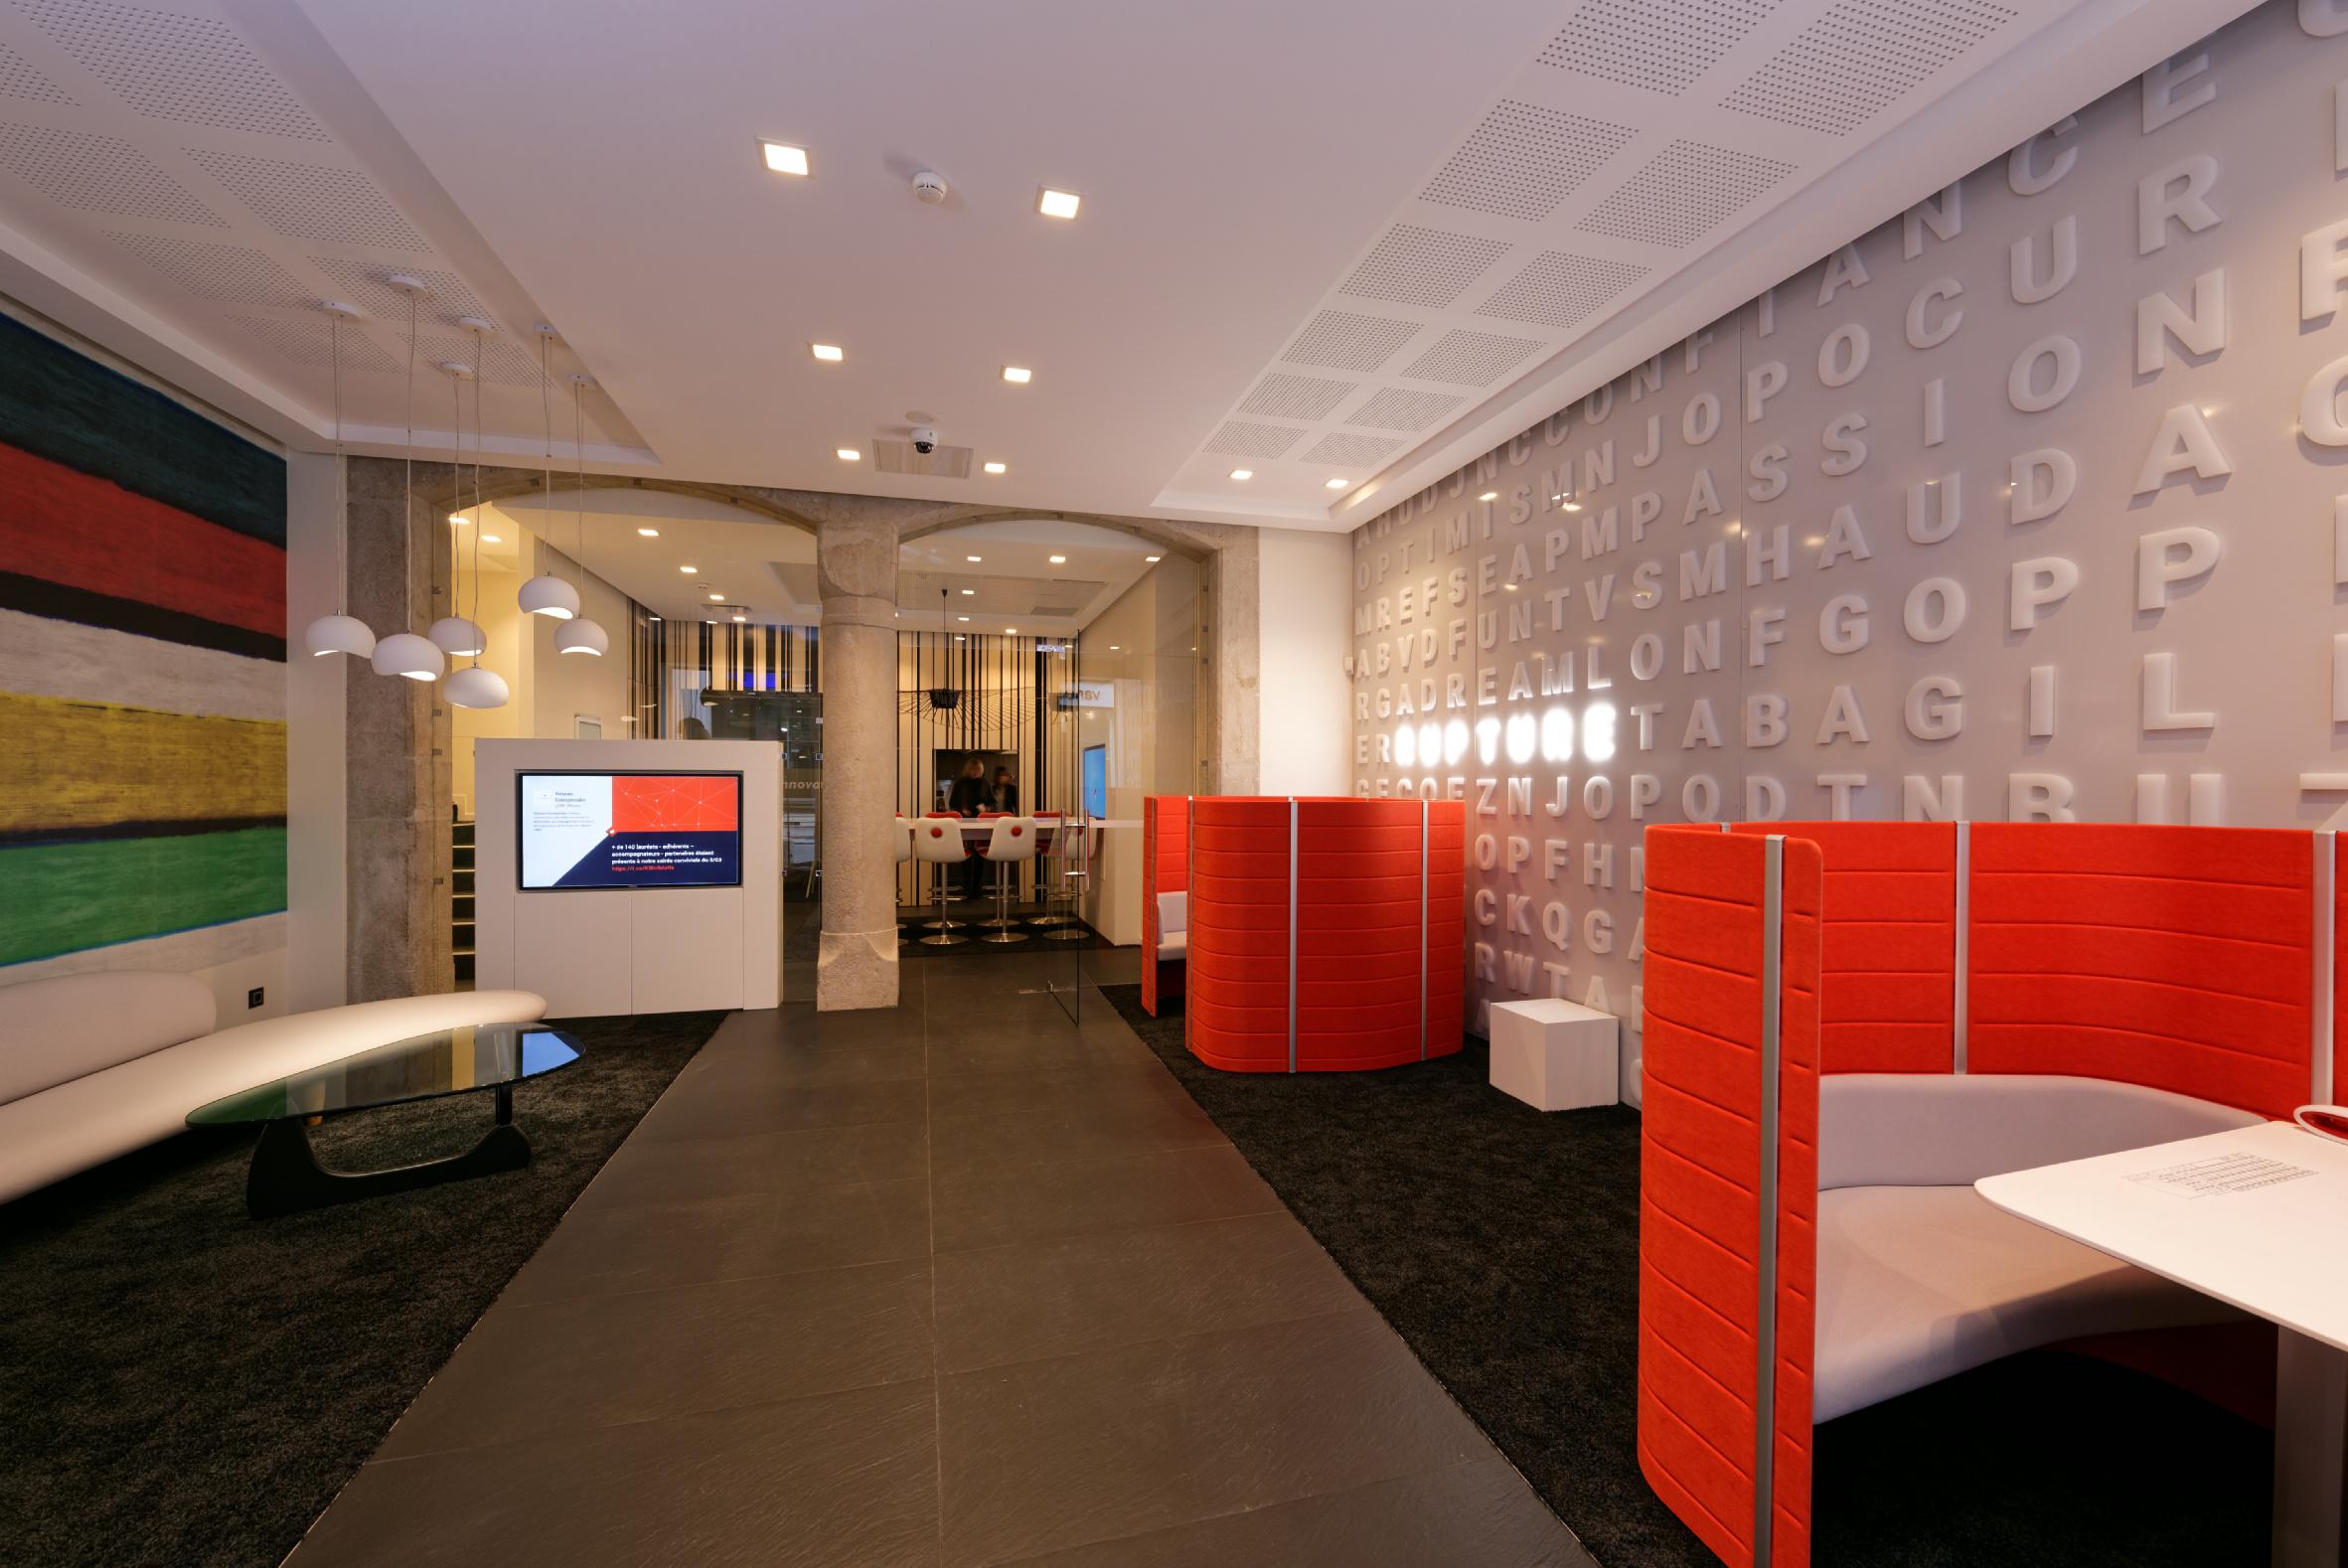 Architecte D Intérieur Cfai jorge grasso: interior architect from buenos aires to lyon